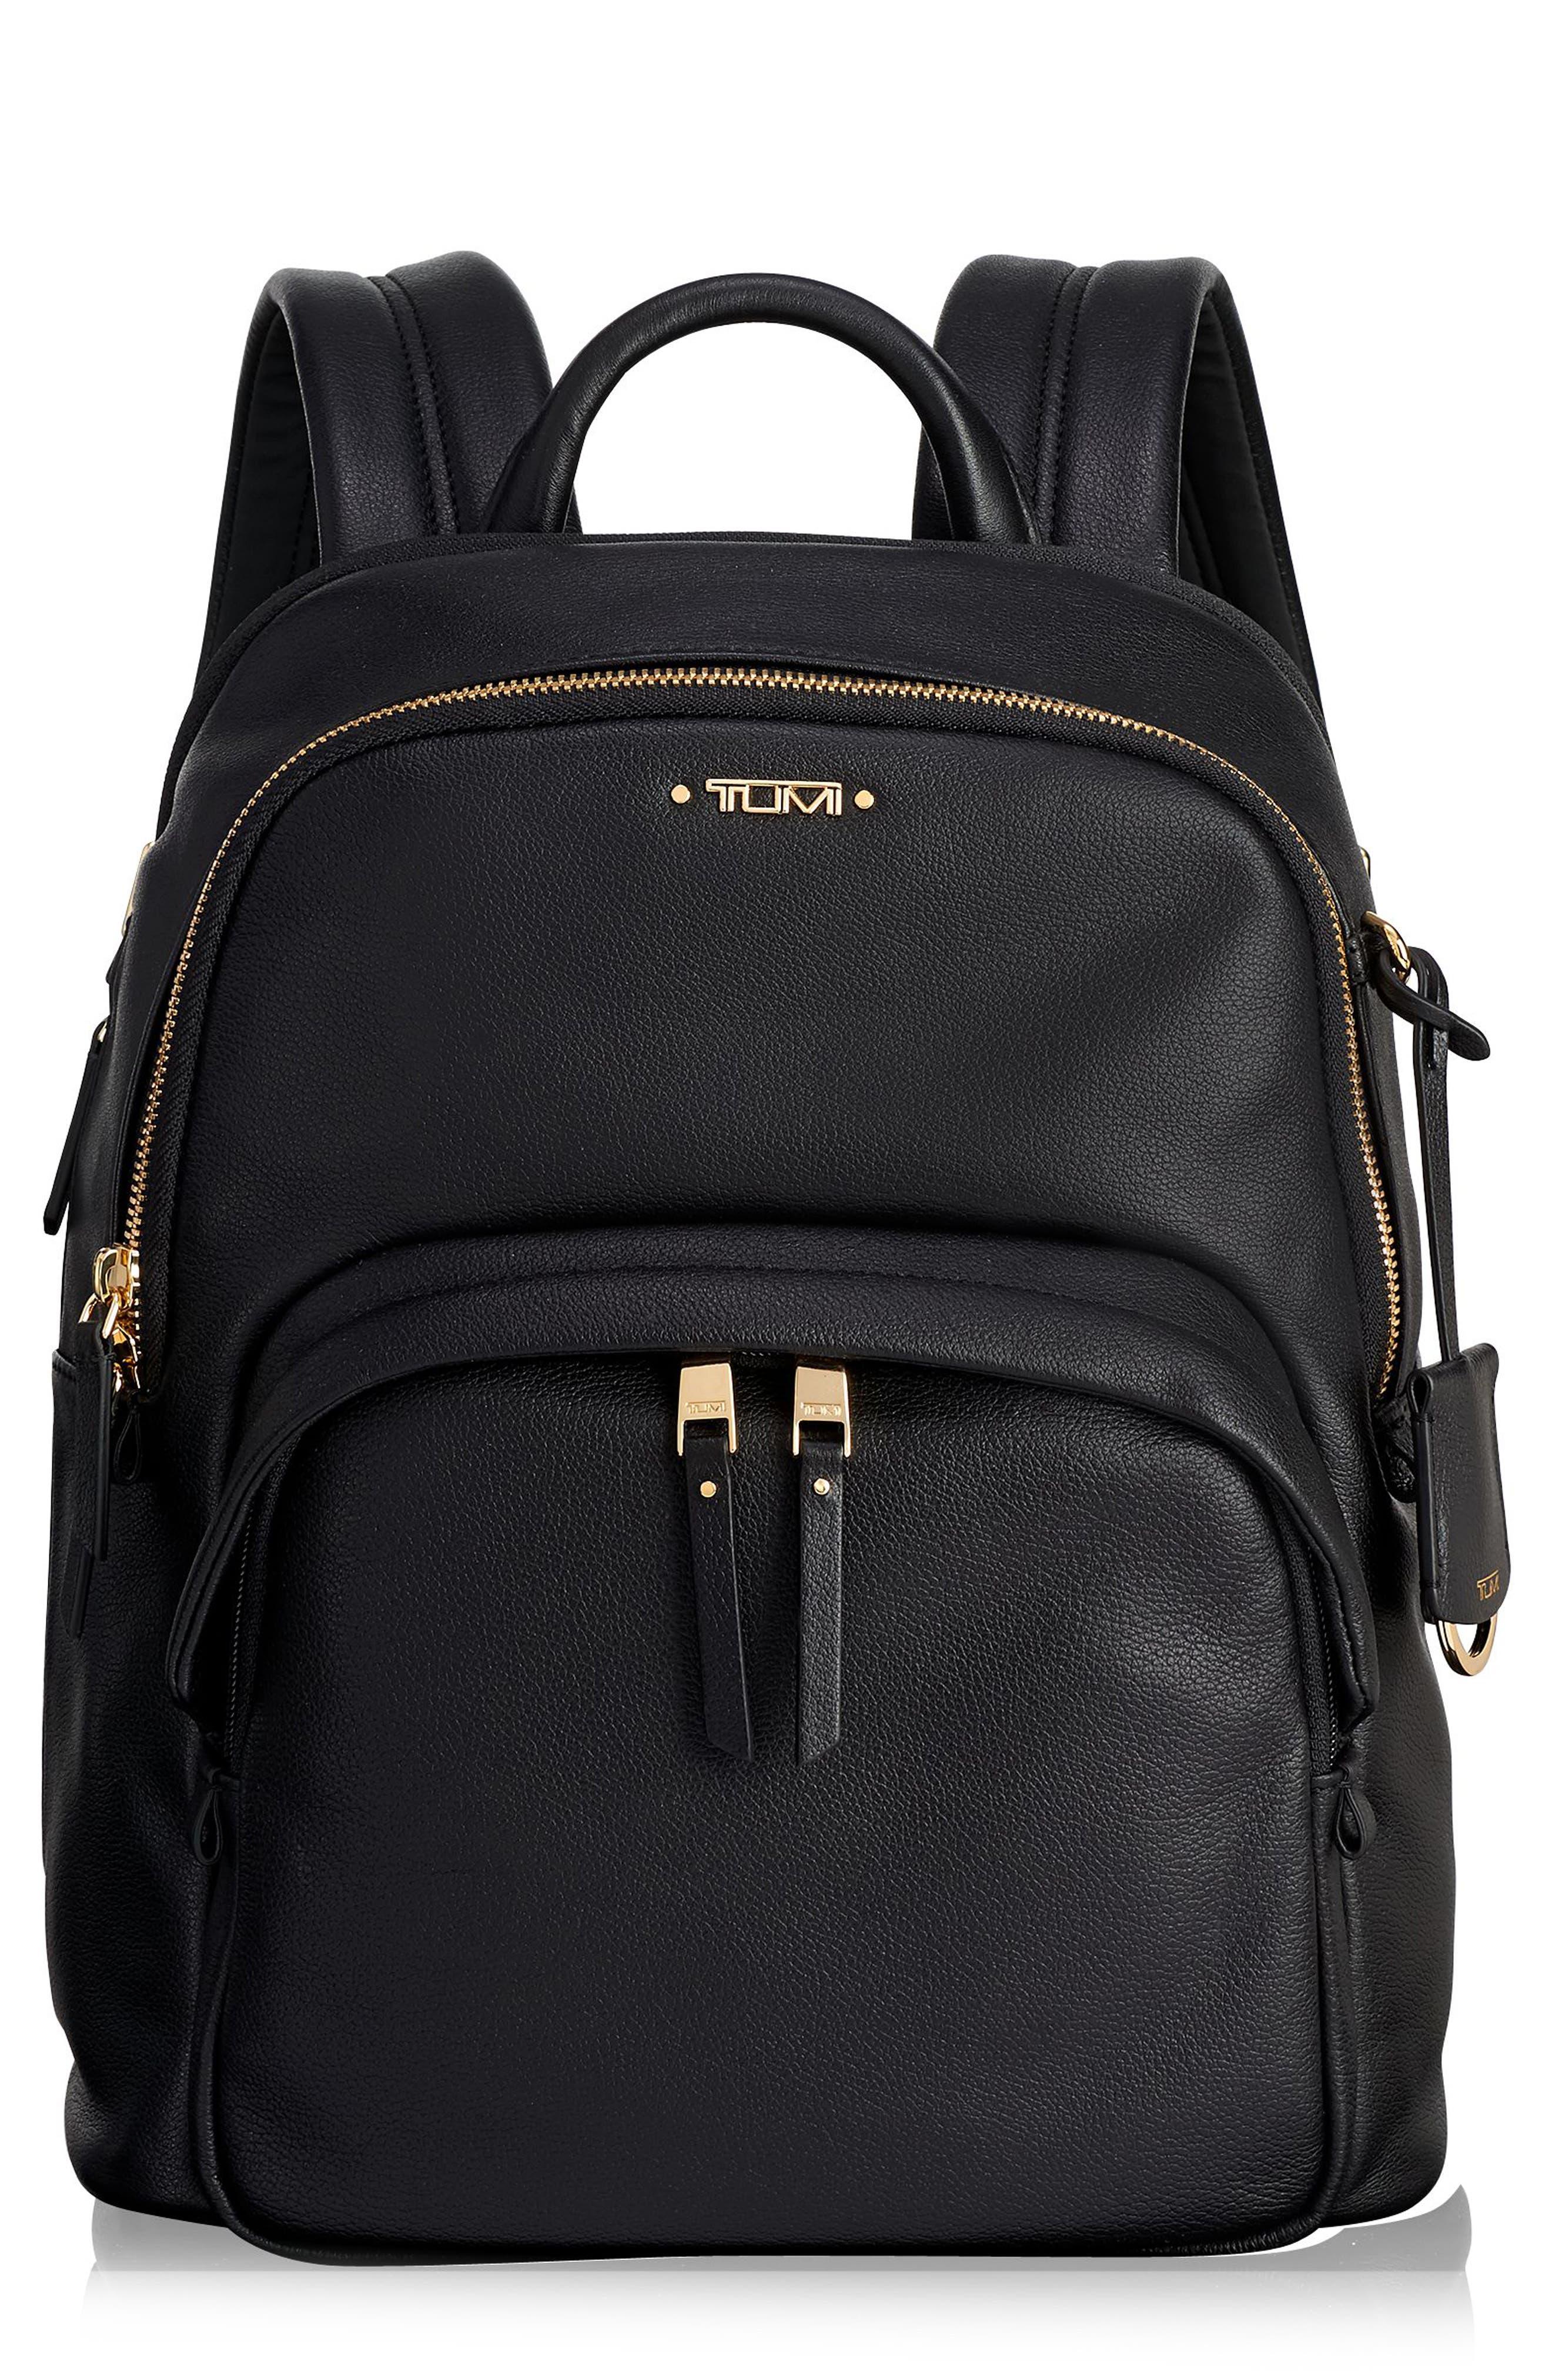 da2dbecfa90a tumi backpack